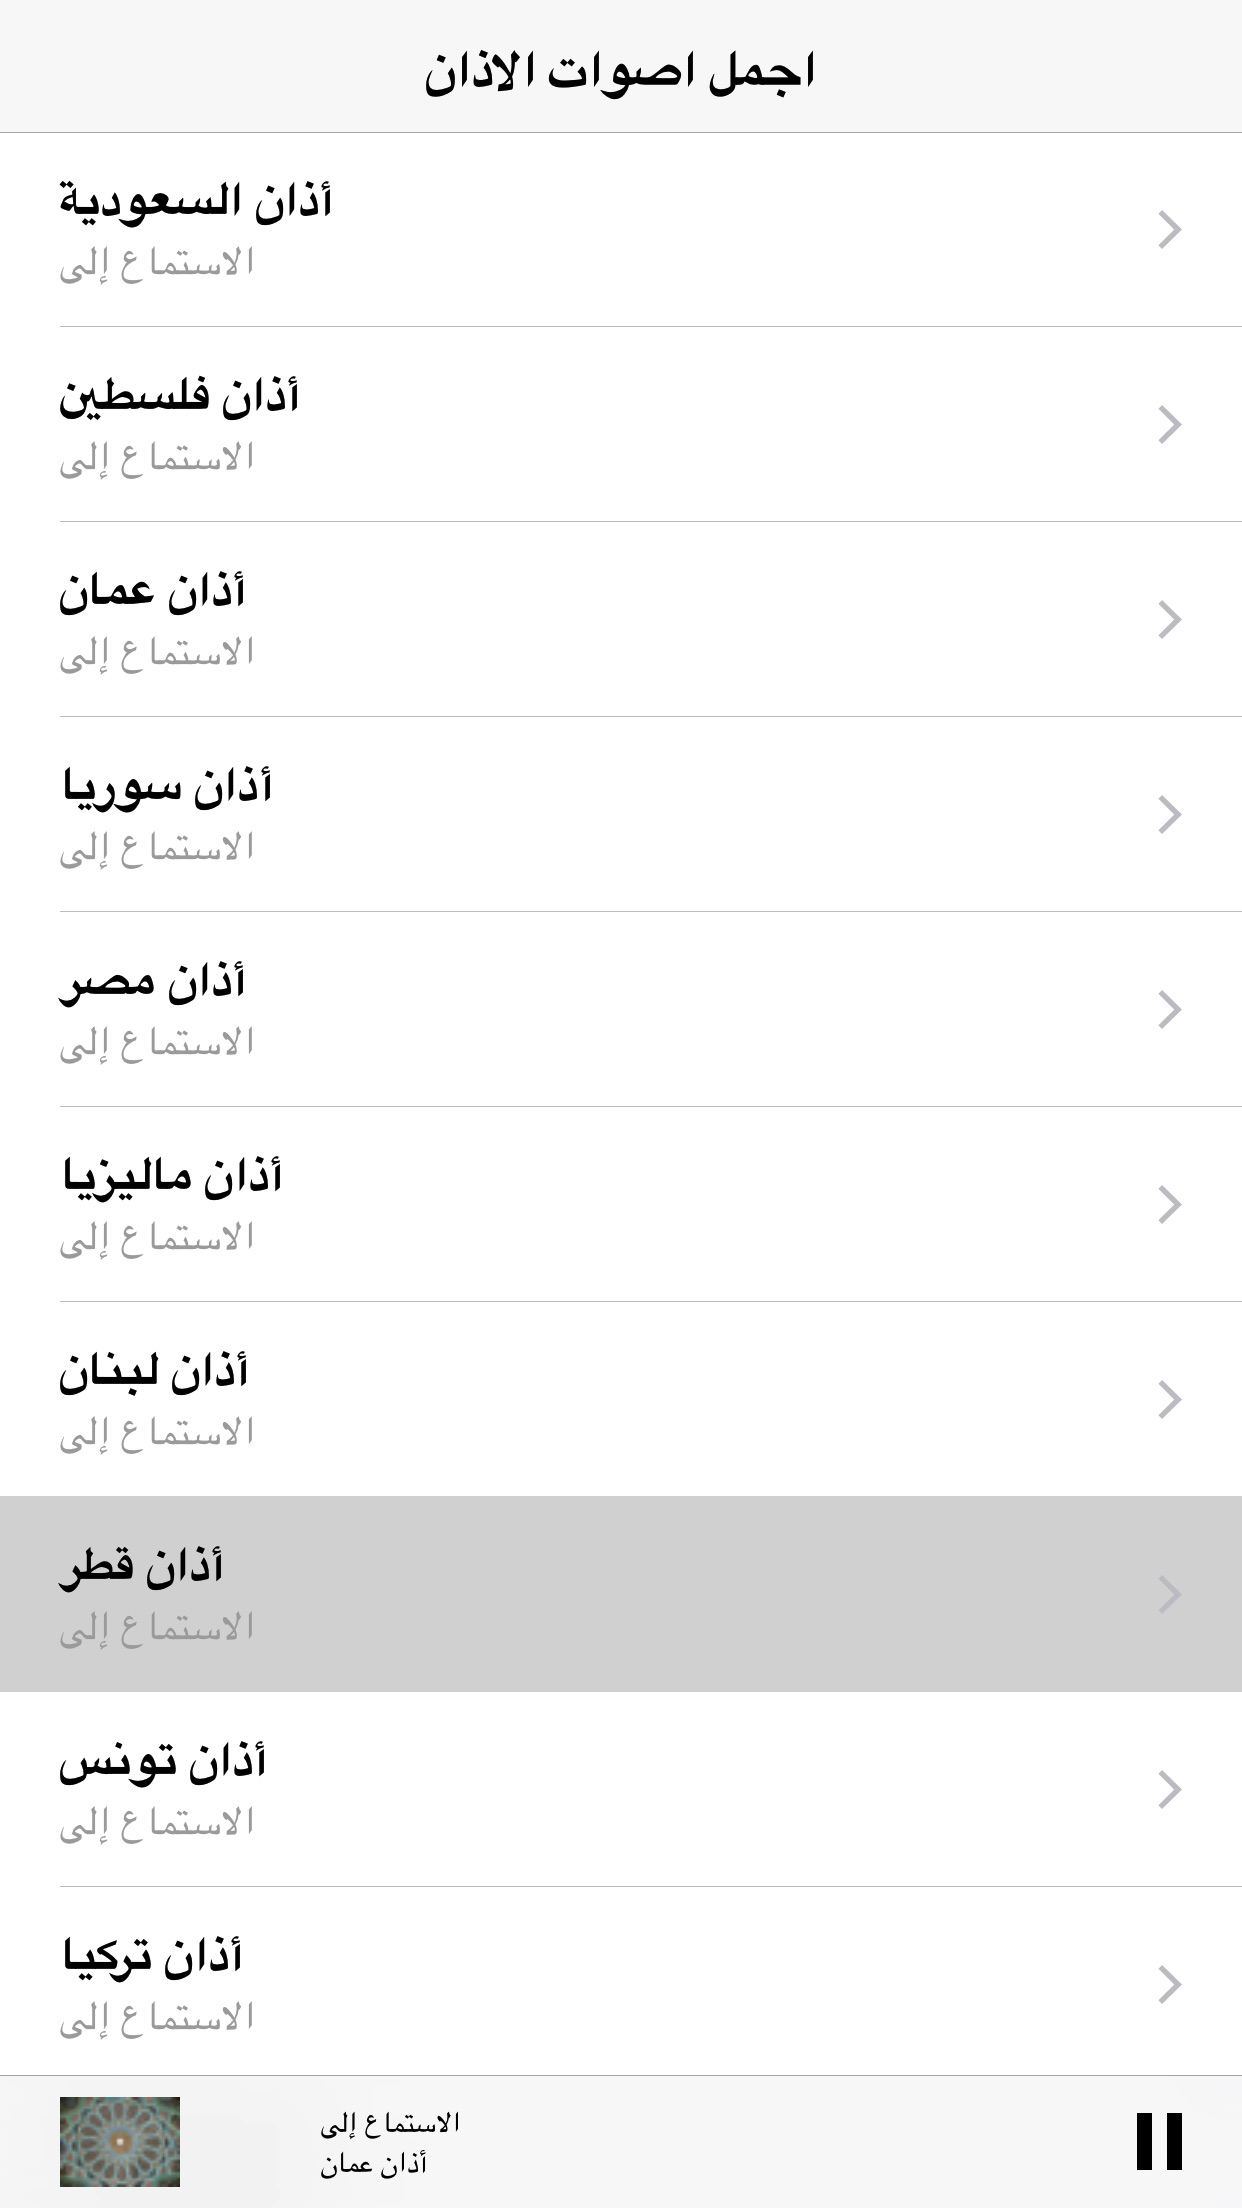 صوت الاذان بلدان بأعذب الأصوات Screenshot